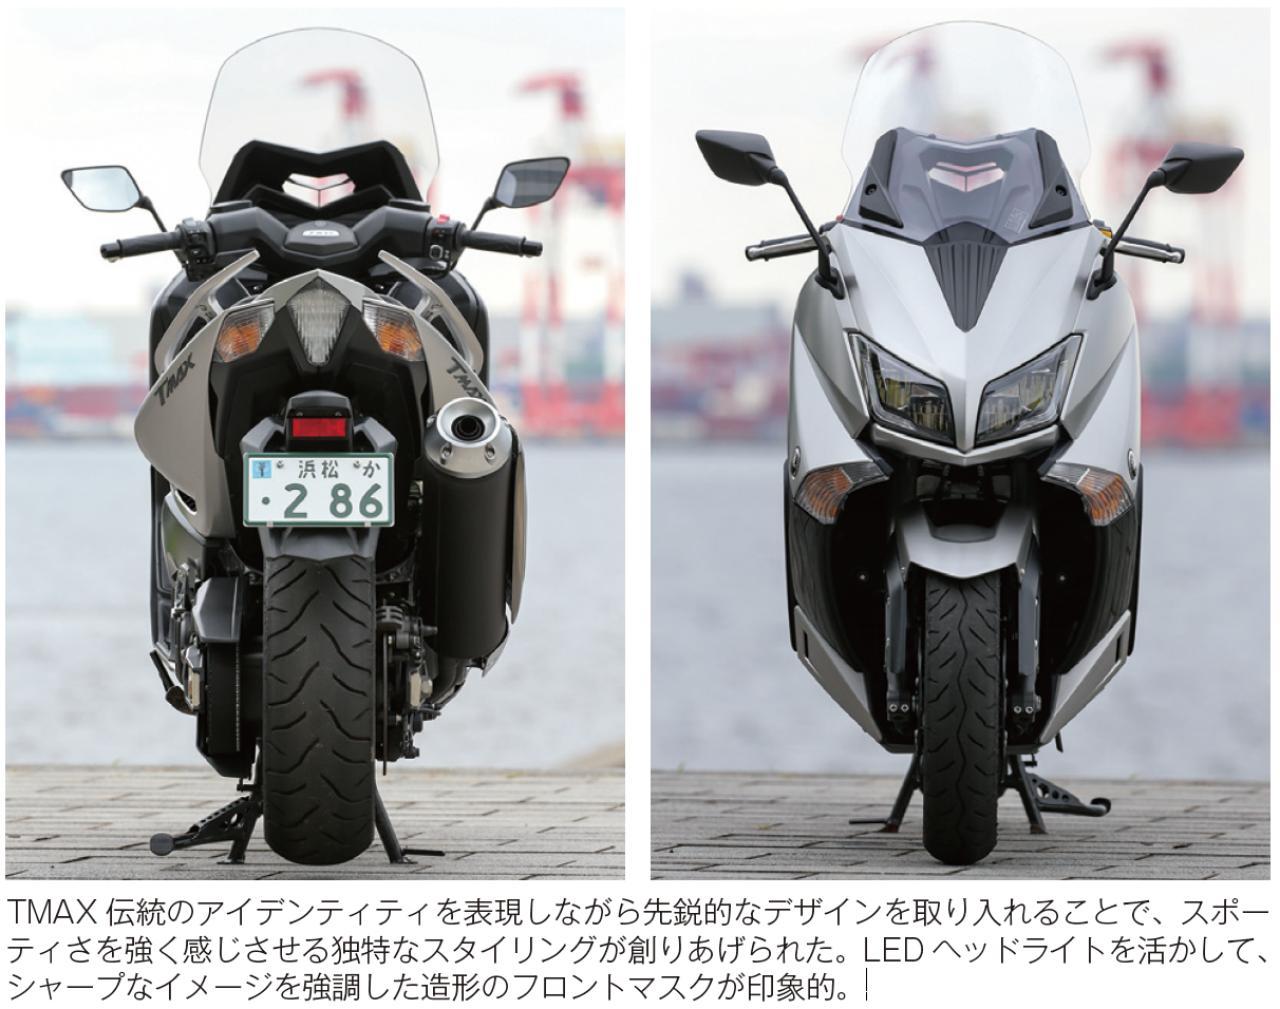 画像3: 世界で評価を受ける、快走スクーター! TMAXが今年もビッグスクータークラスNo.1!